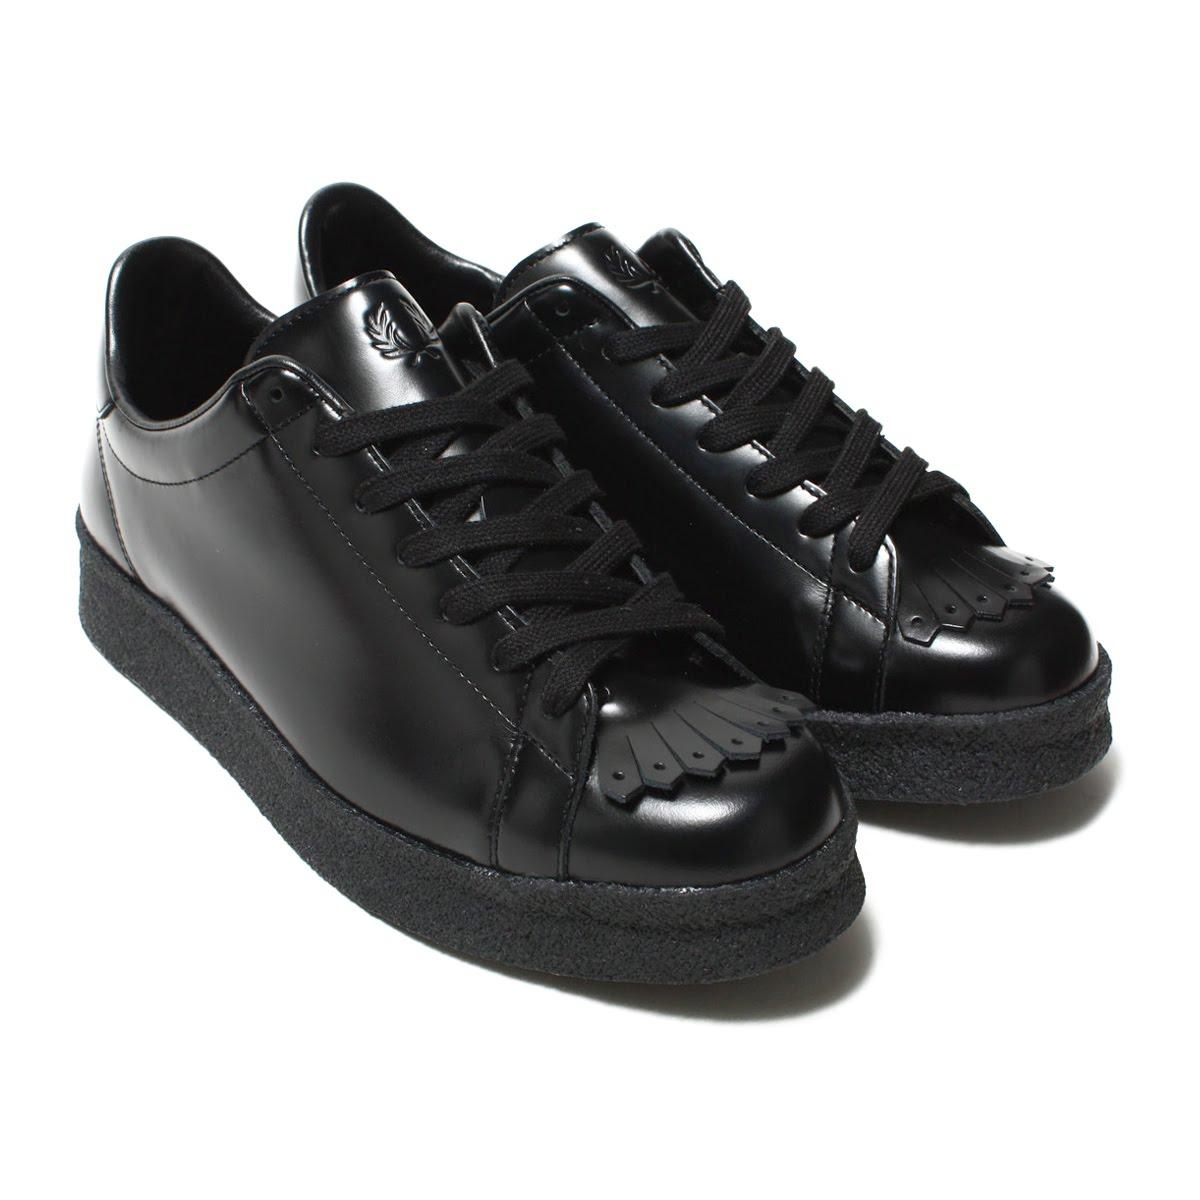 FRED PERRY Breaux Creeper Leather(フレッドペリー クリーパー レザー)BLACK【メンズ レディース スニーカー】18FA-I